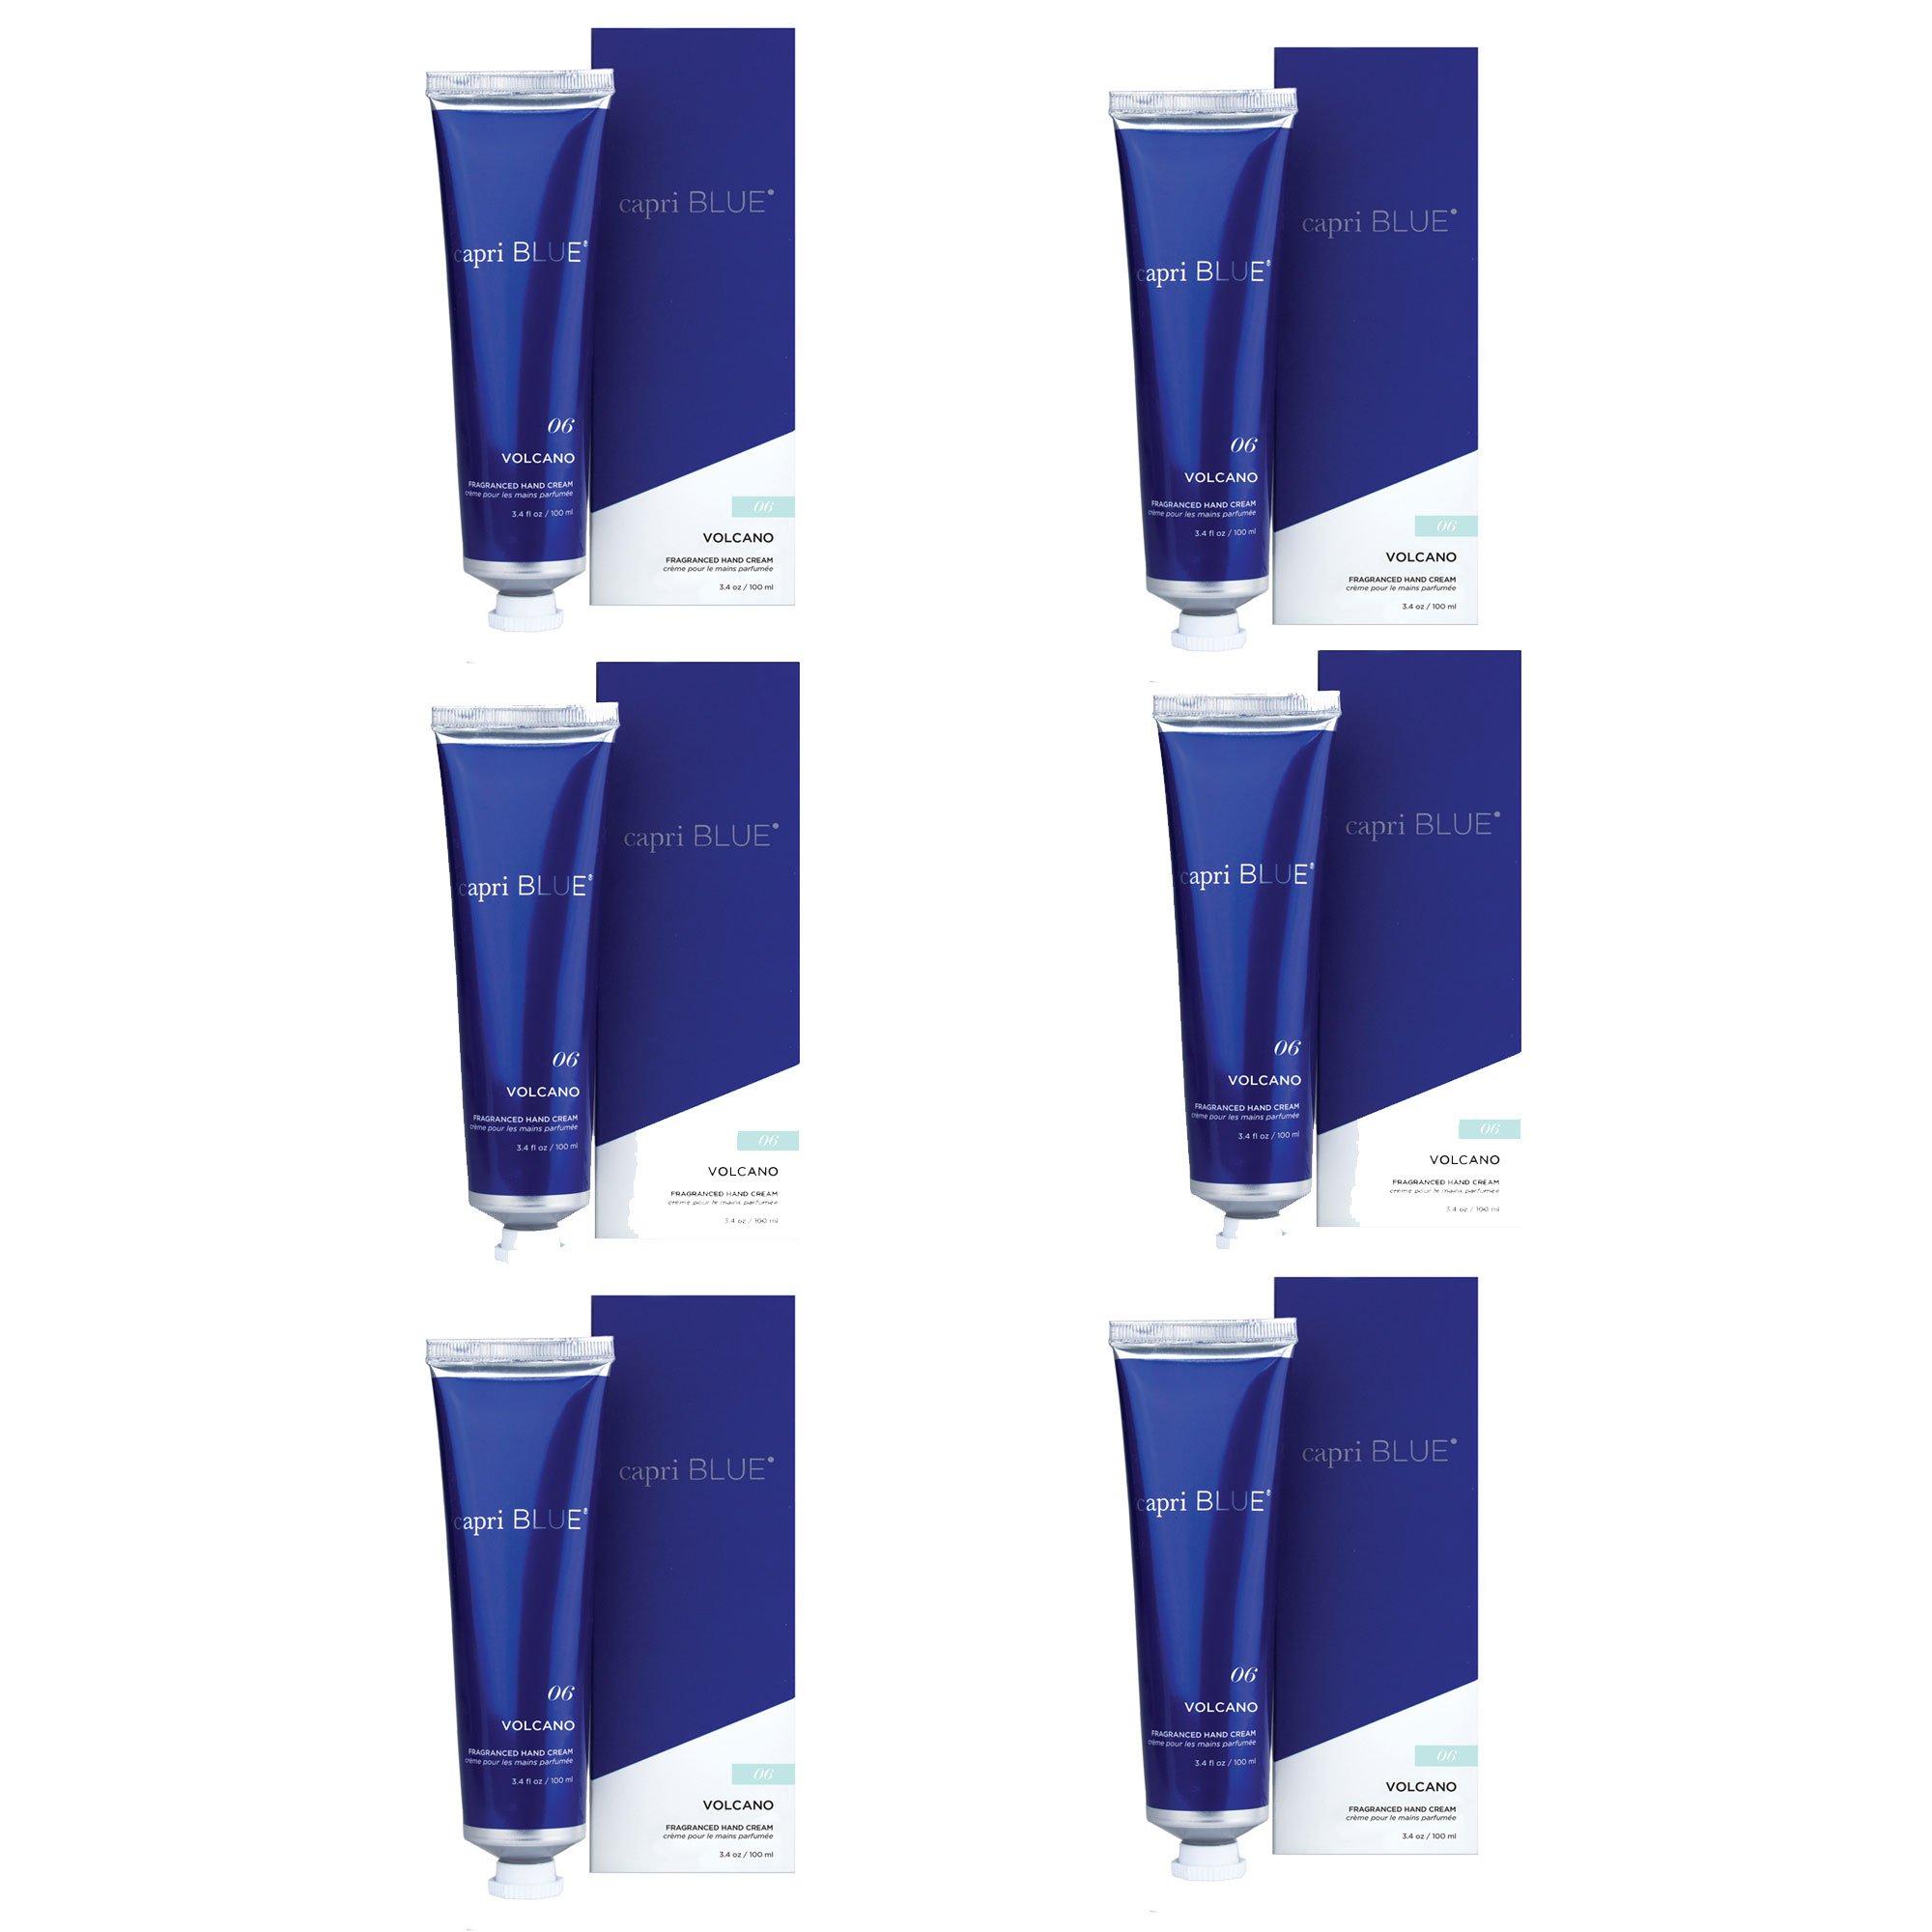 Capri Blue 3.4 oz Signature Hand Cream Volcano (6pk), Assorted, One Size